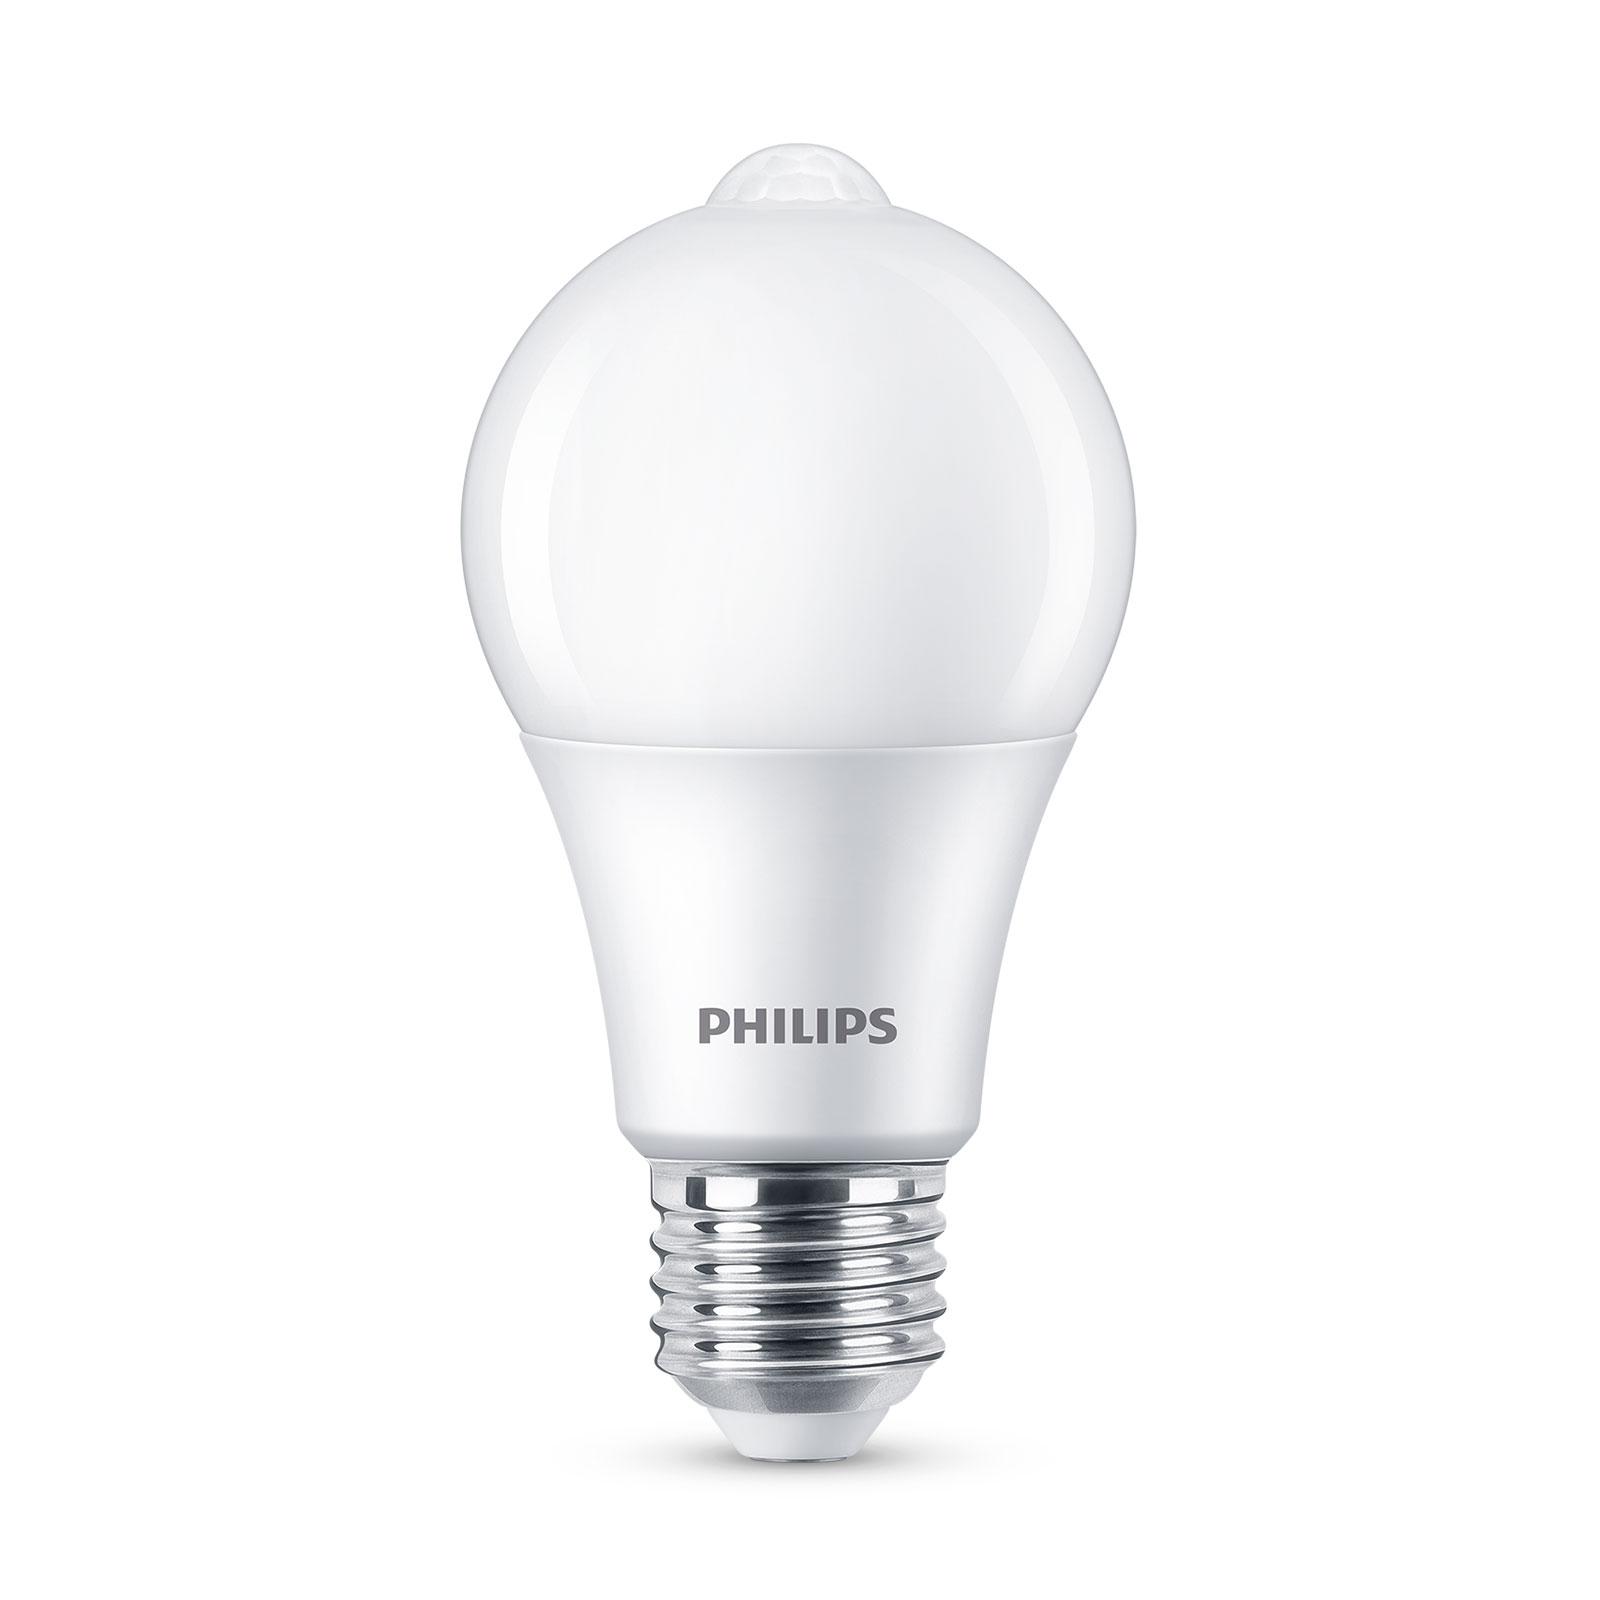 Philips LED-pære E27 A60 sensor 8W 2.700K, mat